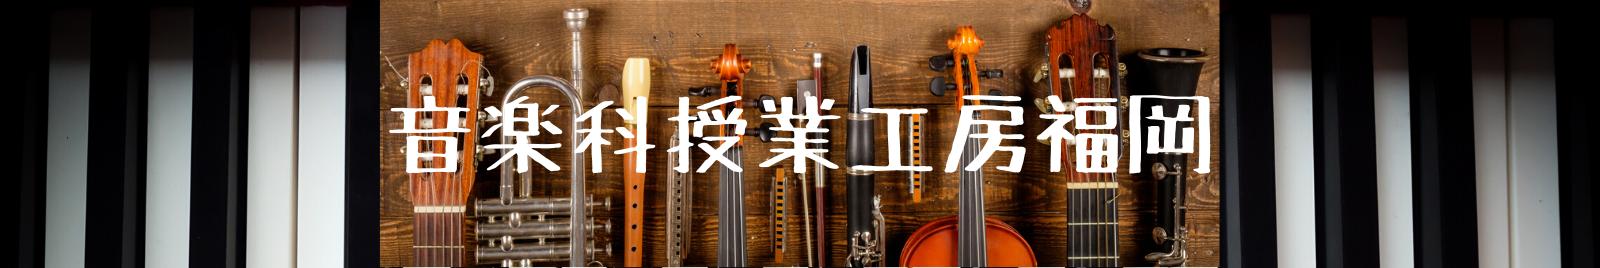 音楽科授業工房福岡